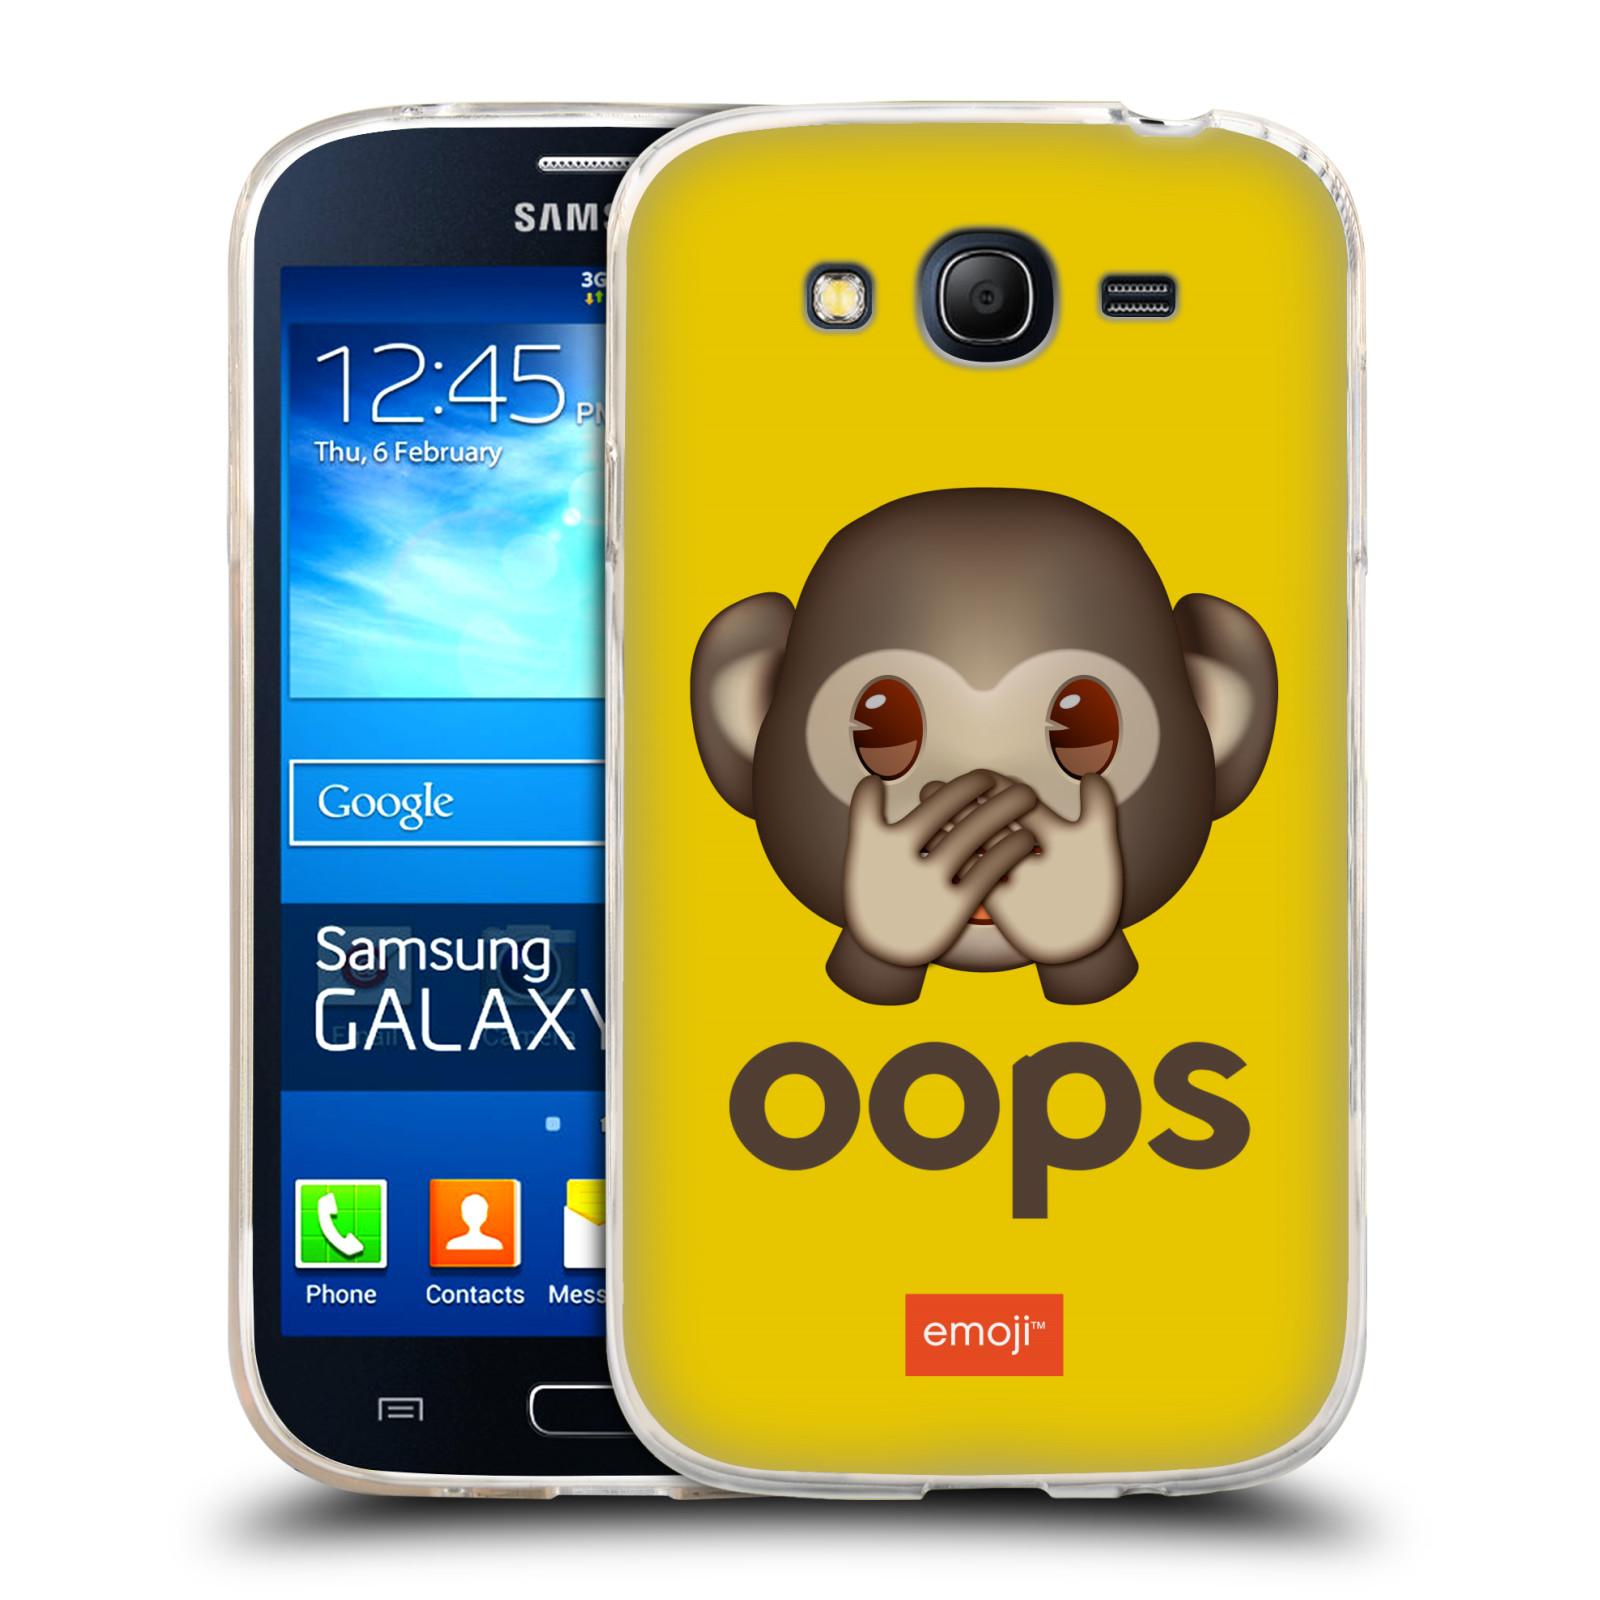 Silikonové pouzdro na mobil Samsung Galaxy Grand Neo Plus HEAD CASE EMOJI - Opička OOPS (Silikonový kryt či obal s oficiálním motivem EMOJI na mobilní telefon Samsung Galaxy Grand Neo Plus Duos GT-I9060i)